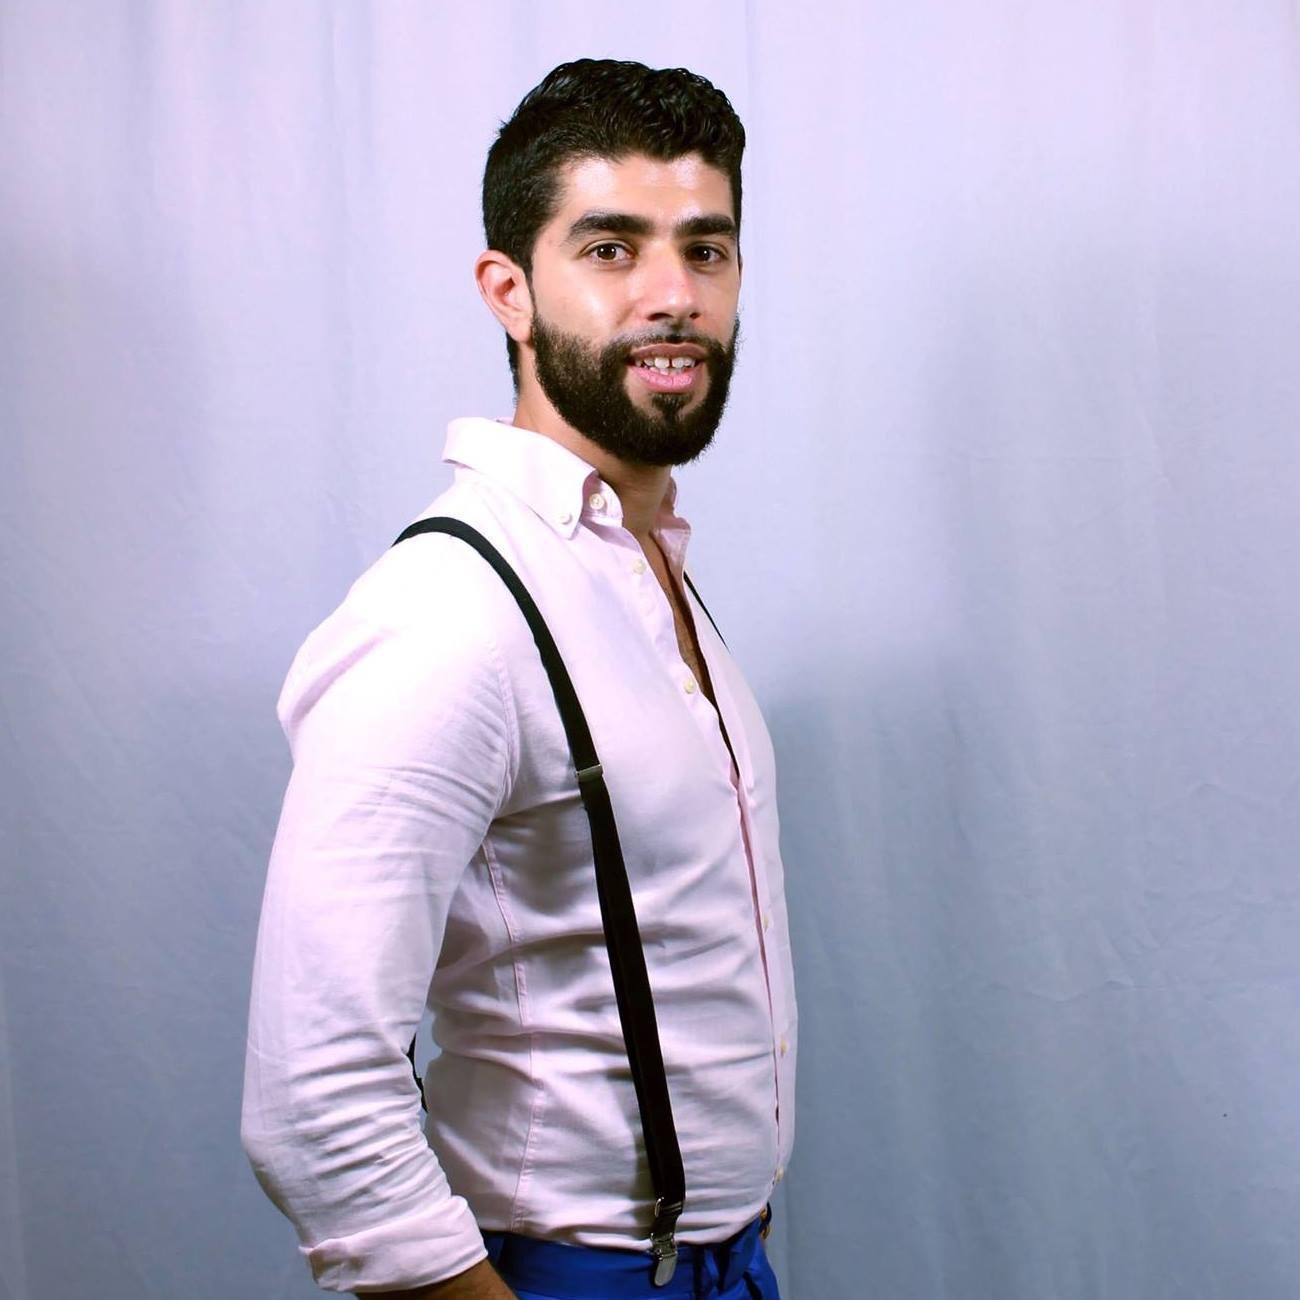 Avner Uzan